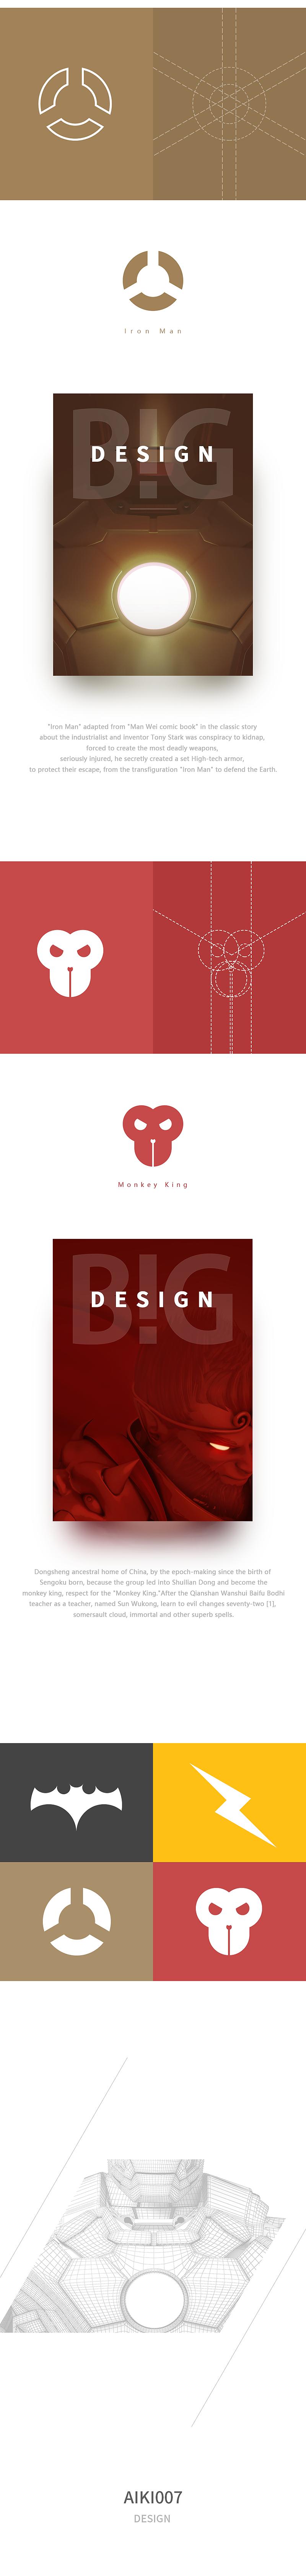 查看《2016Work design》原图,原图尺寸:800x6739